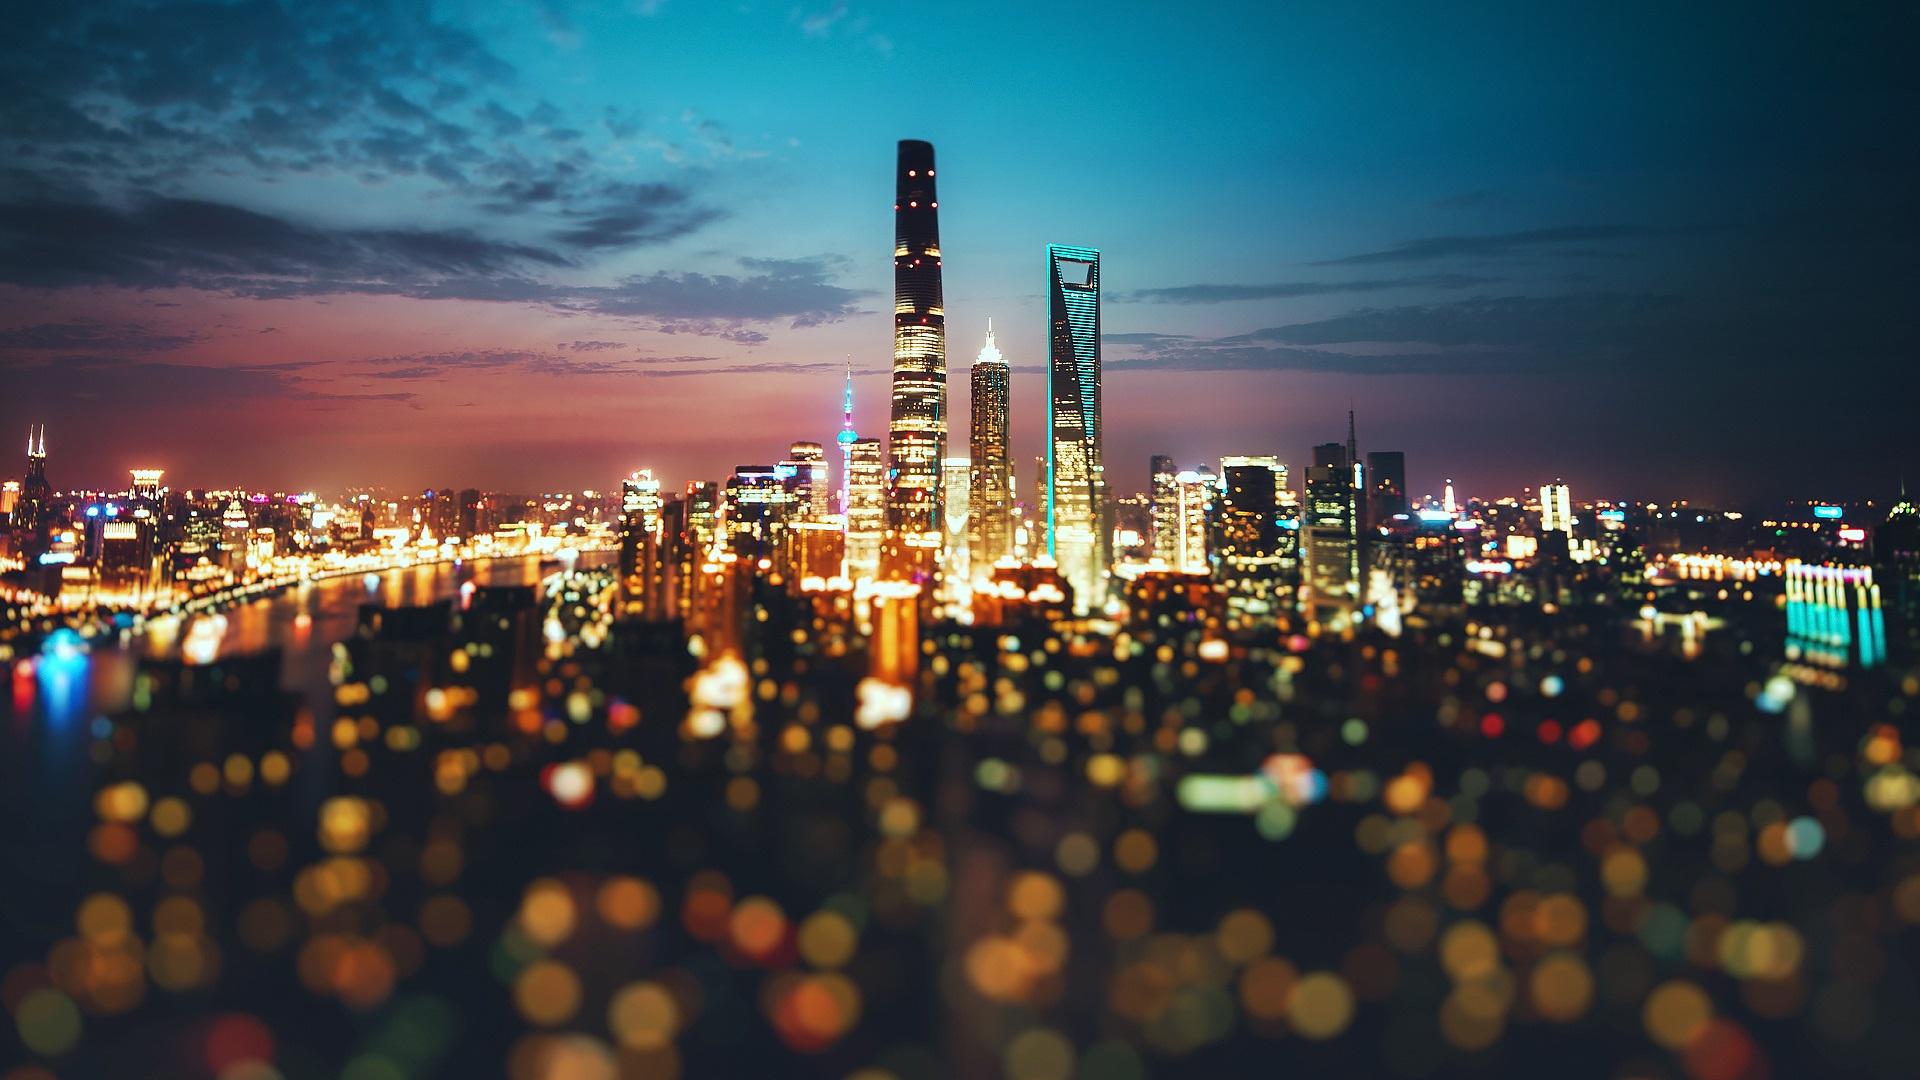 China, Ciudad, Shanghai, Noche, Luces, Borroso Fondos De